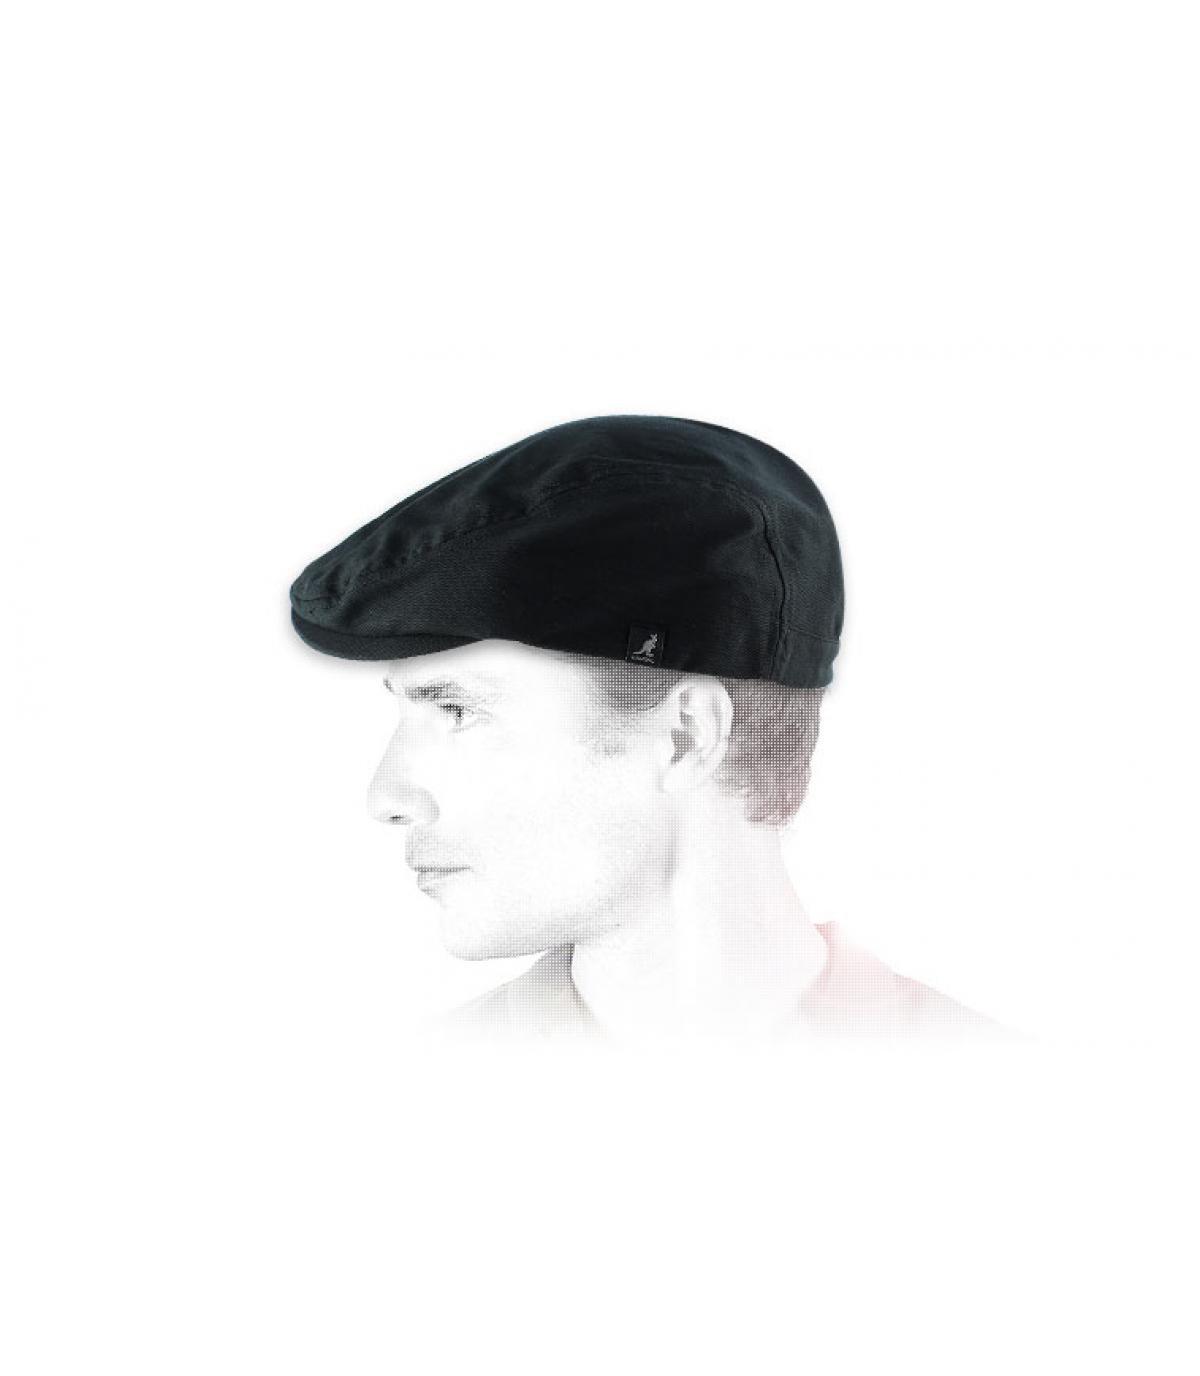 Cappellino piatto nero Kangol